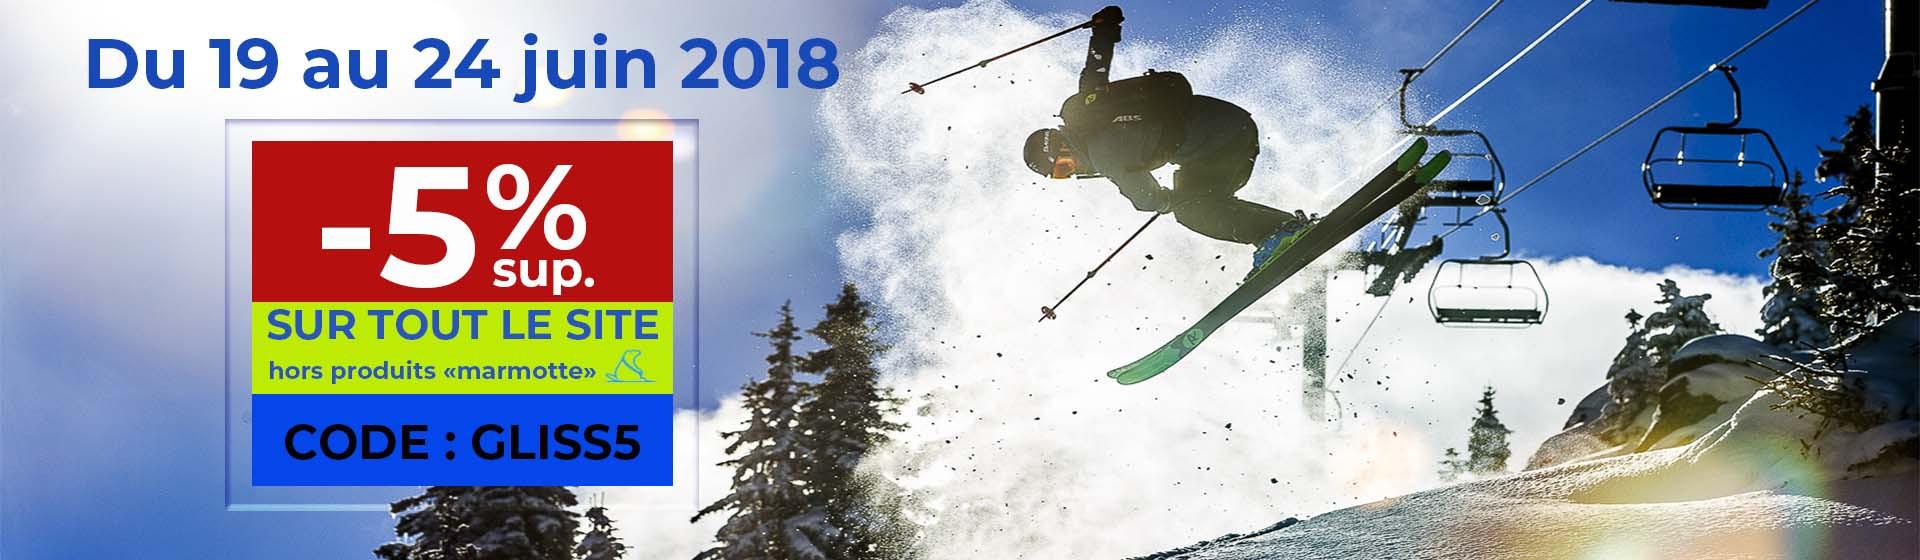 Promo -5% sup. du 1 au 17 juin 2018